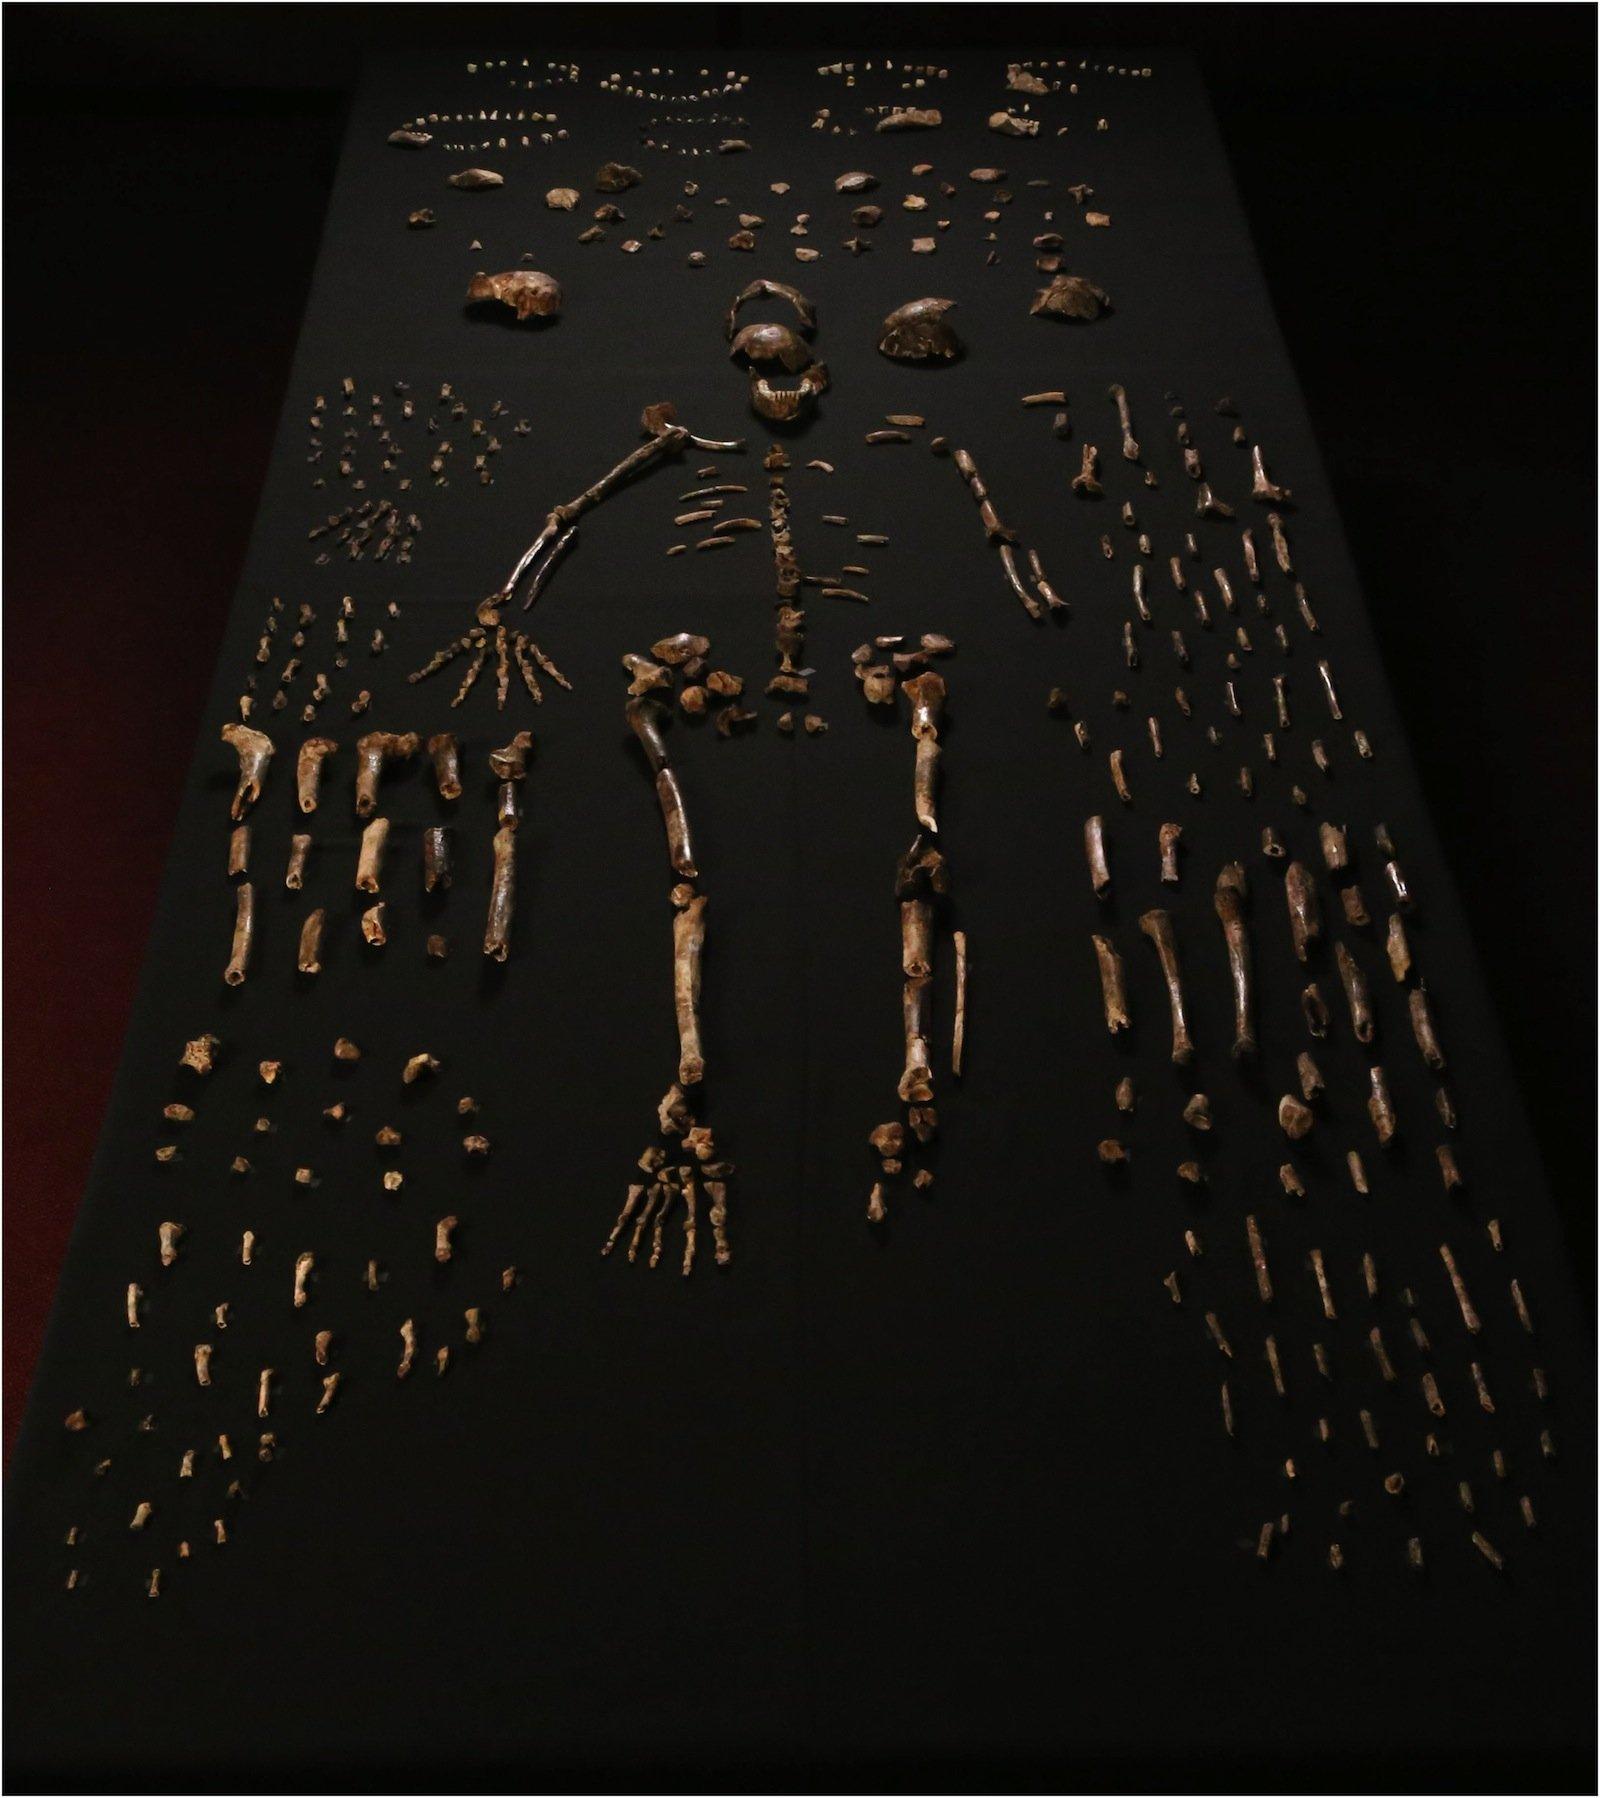 Bereits im September 2013 wurden die Überreste von mindestens 15 Hominiden gefunden. Nach Untersuchungen gehen die Wissenschaftler davon aus, eine neue Menschenart entdeckt zu haben.